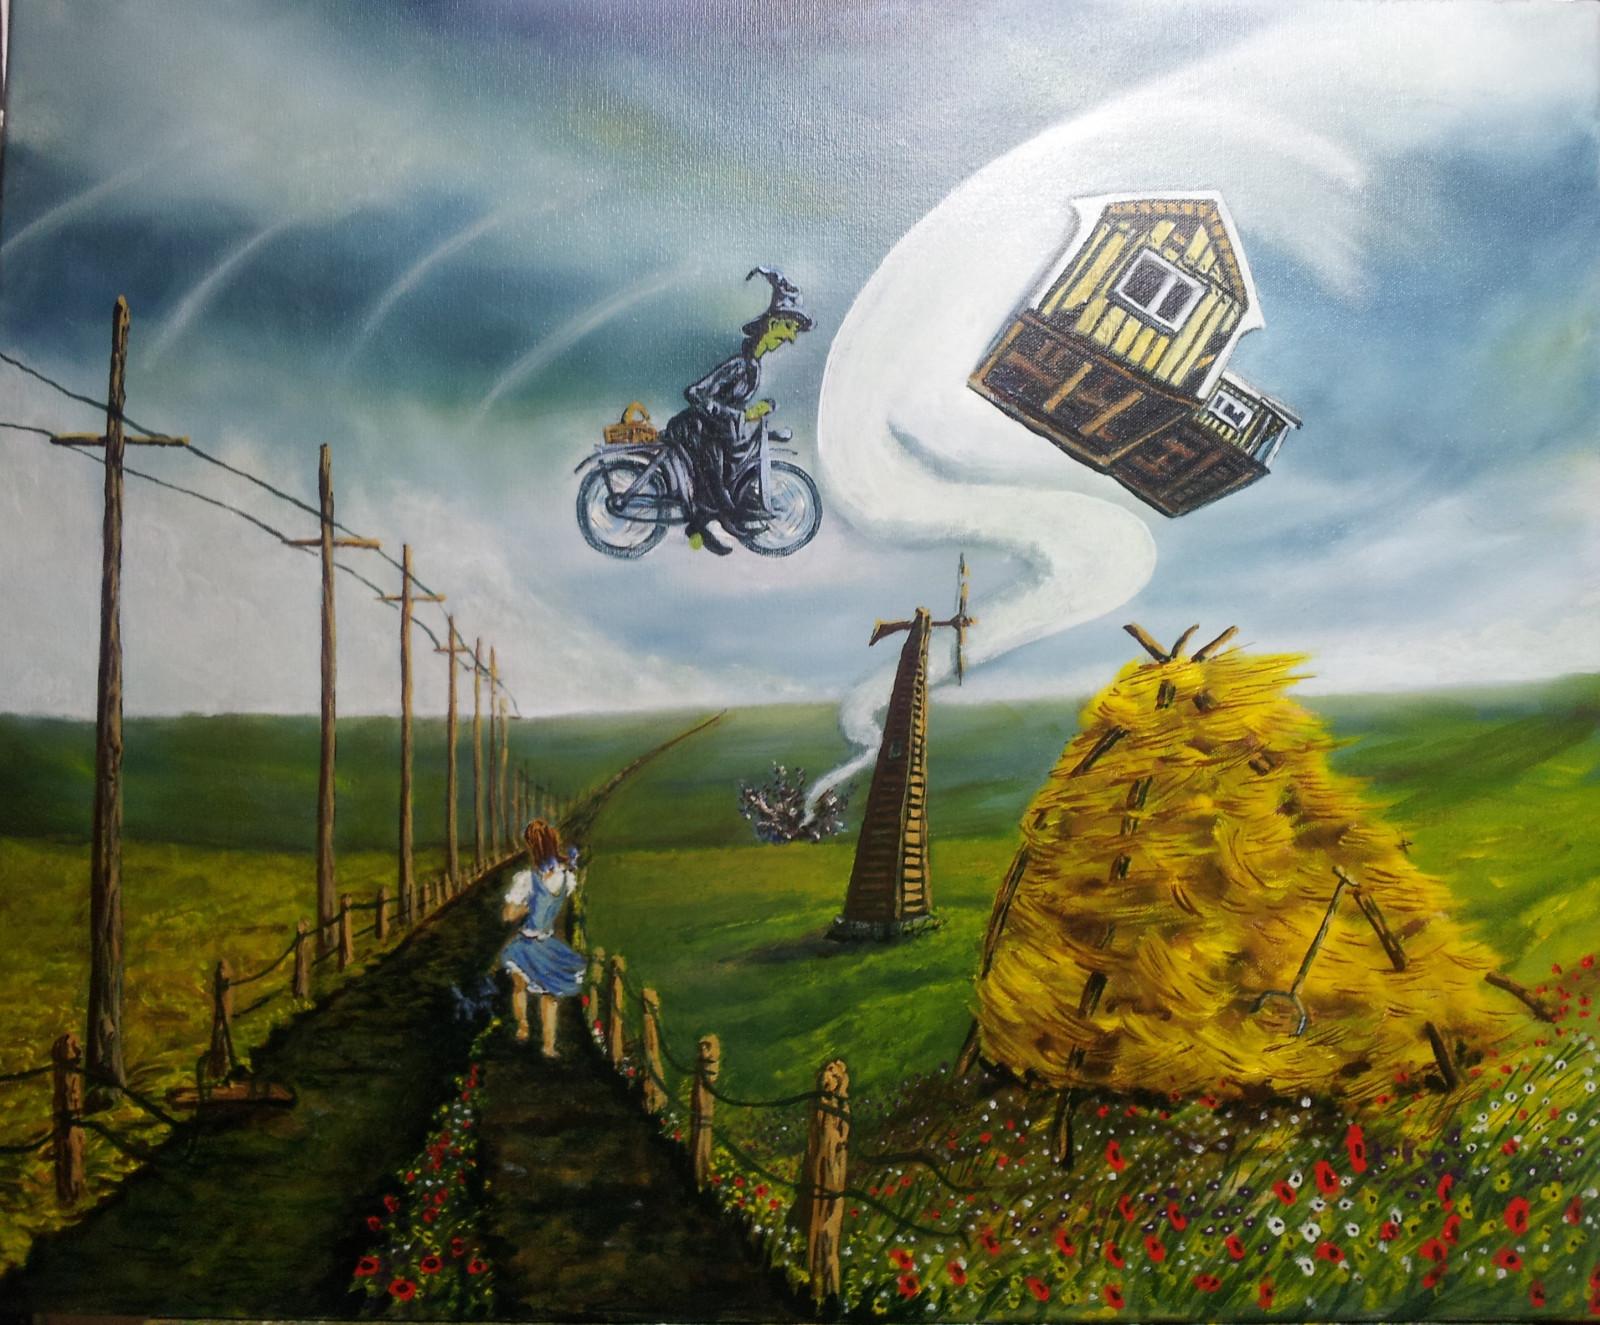 Masaüstü Manzara Boyama Bisiklet Ot Gökyüzü Ev Fırtına Uçan